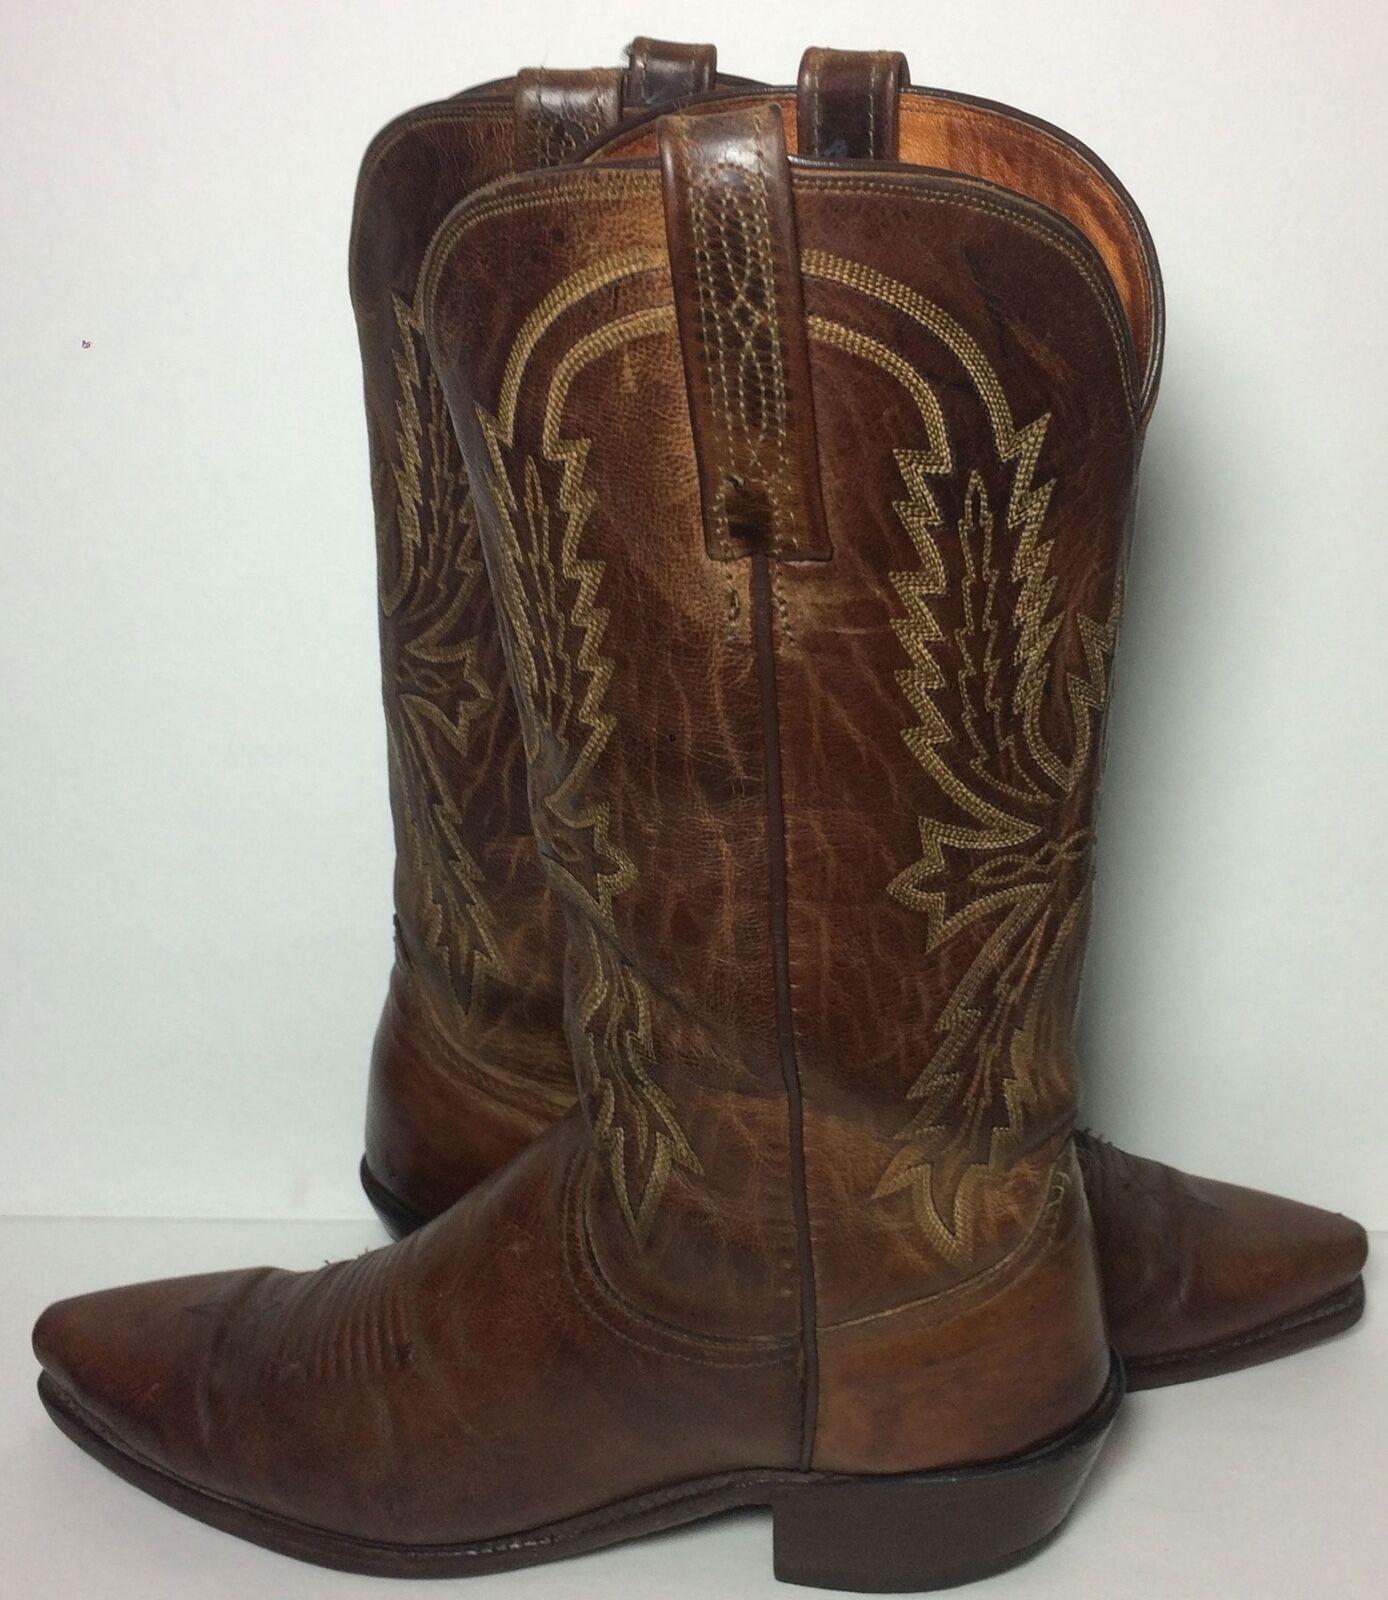 Lucchese 1883 Marrón Cuero Occidental botas De Vaquero Para Hombres D